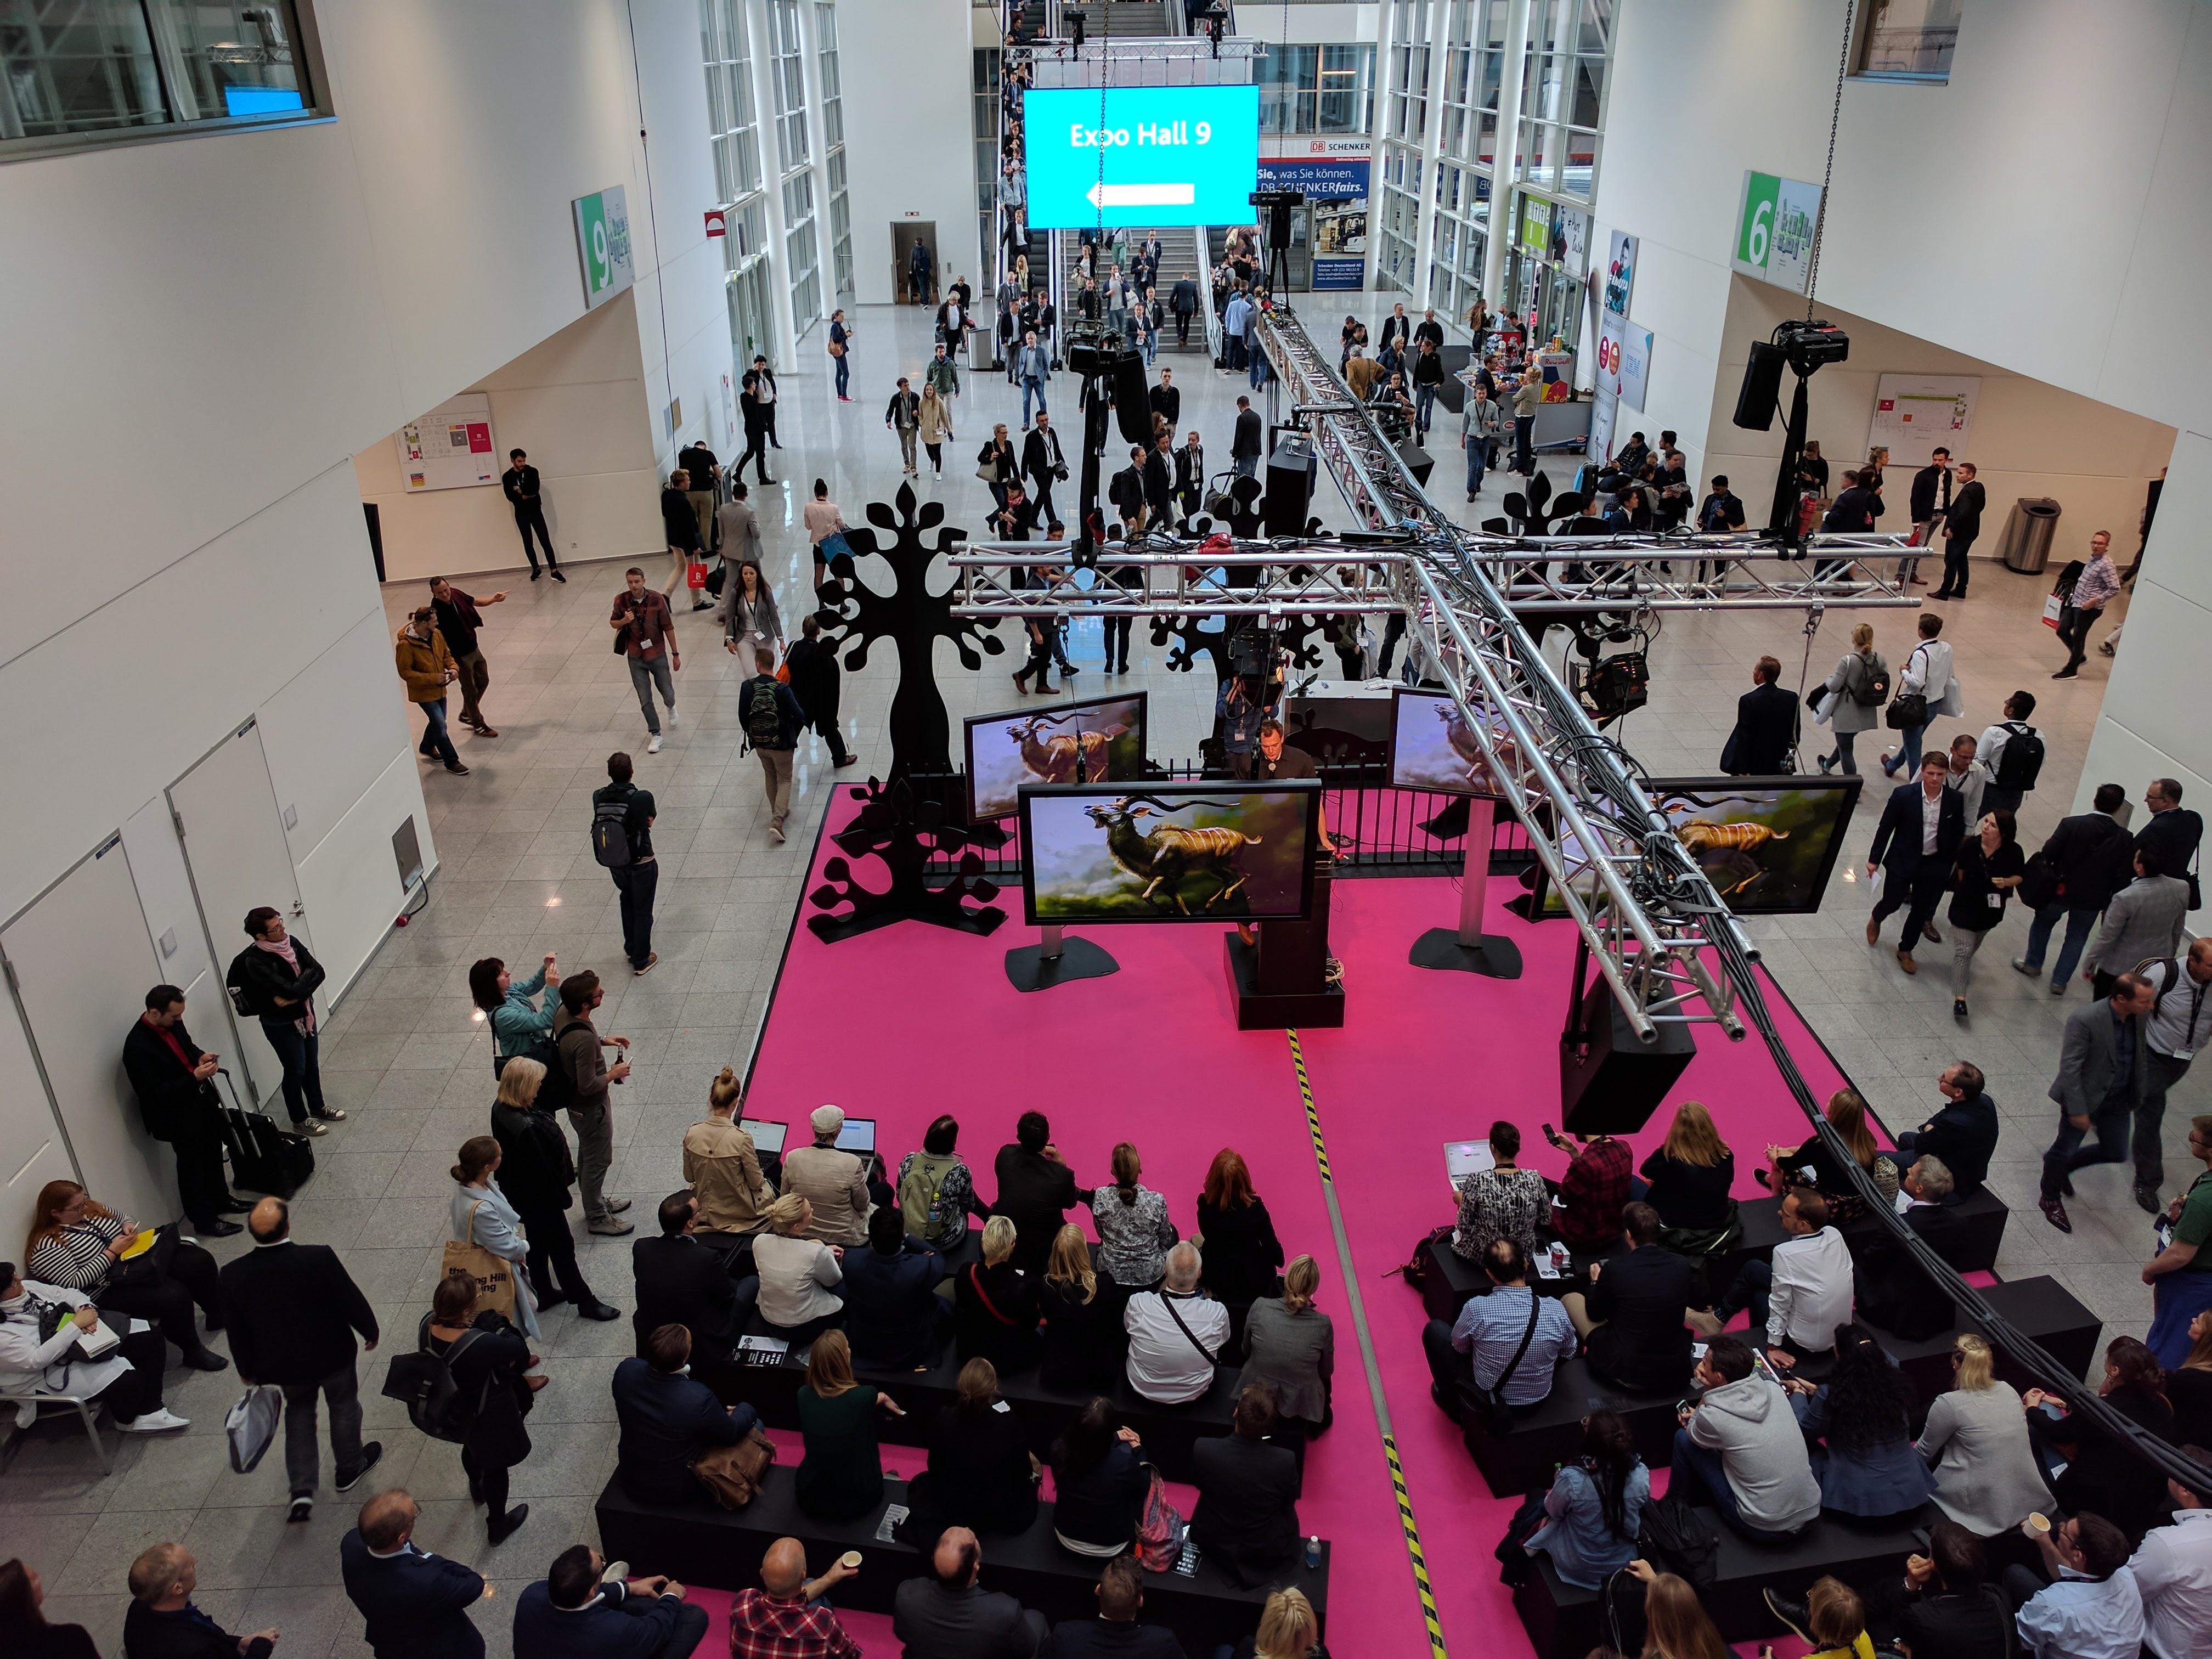 20170914 DMEXCO Speakers Forum zwischen Halle 6 und 9